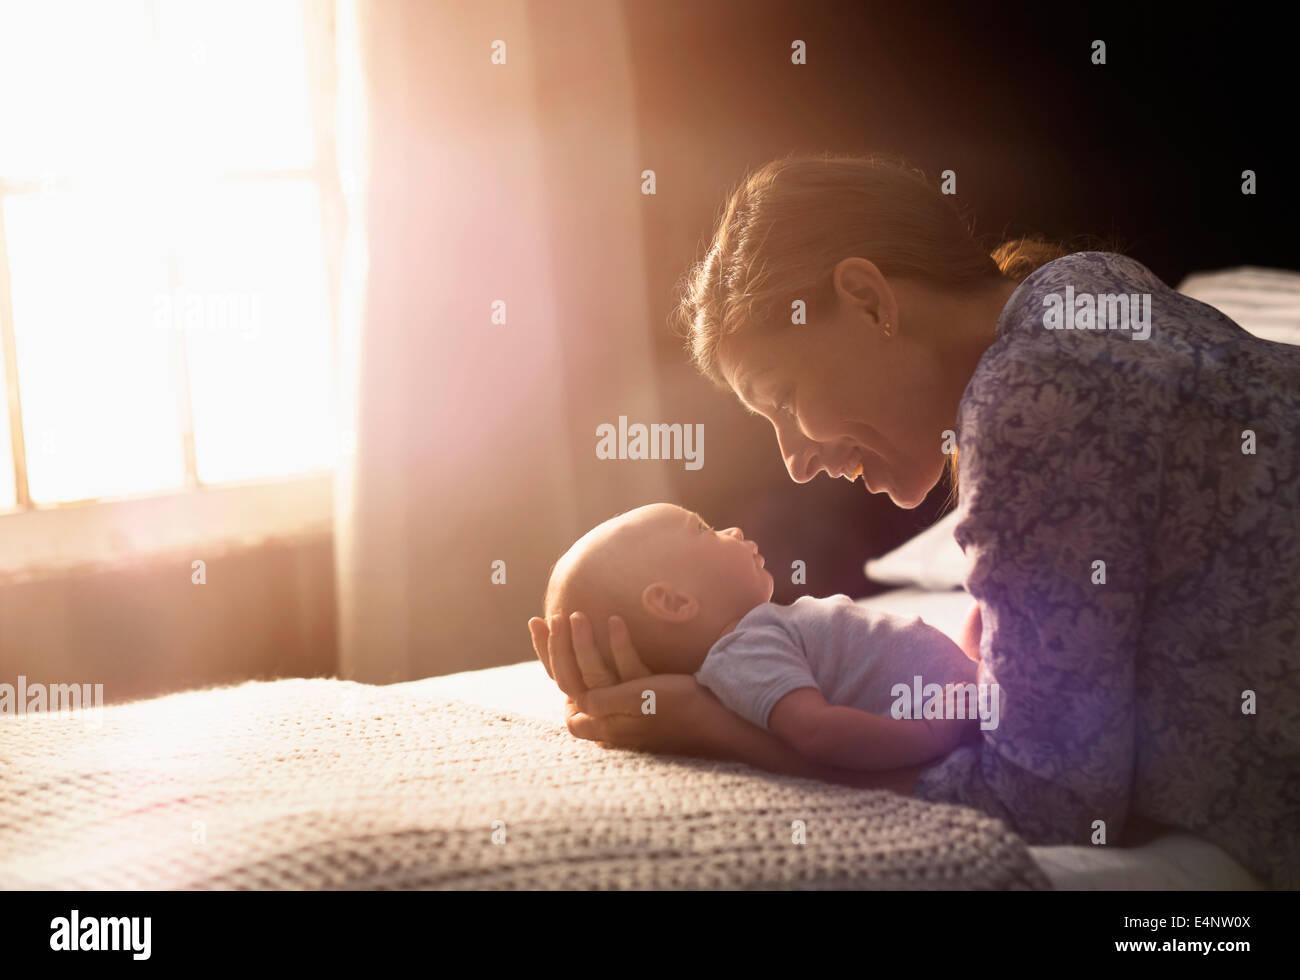 Mutter mit Baby Boy (2-5 Monate) im Schlafzimmer Stockbild